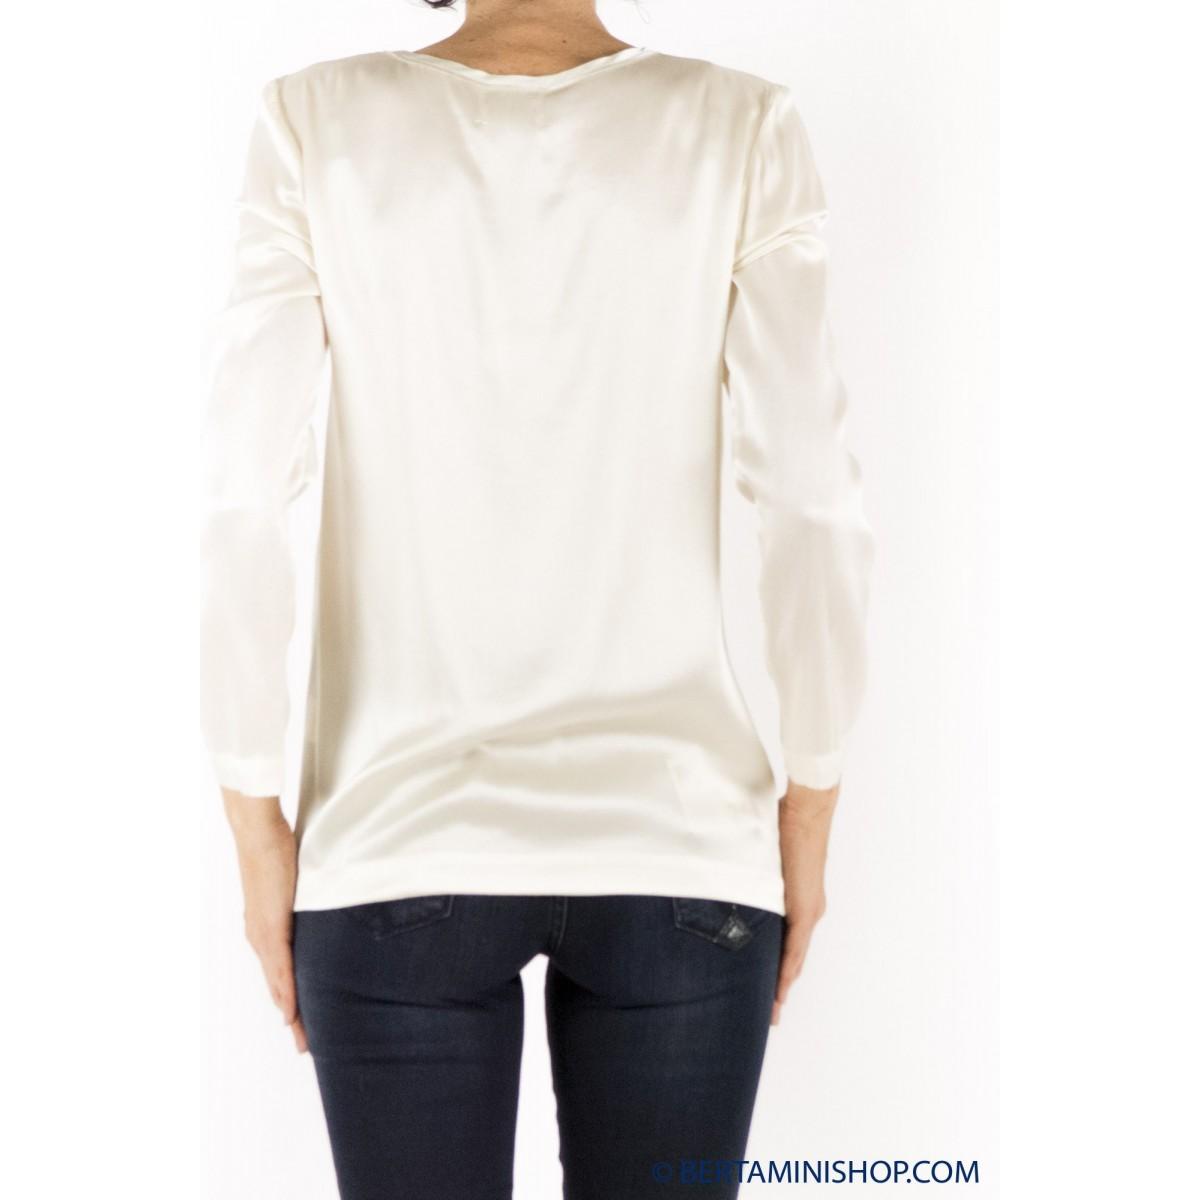 T Shirt Long-Sleeves Jucca Woman - 2008 078 - burro